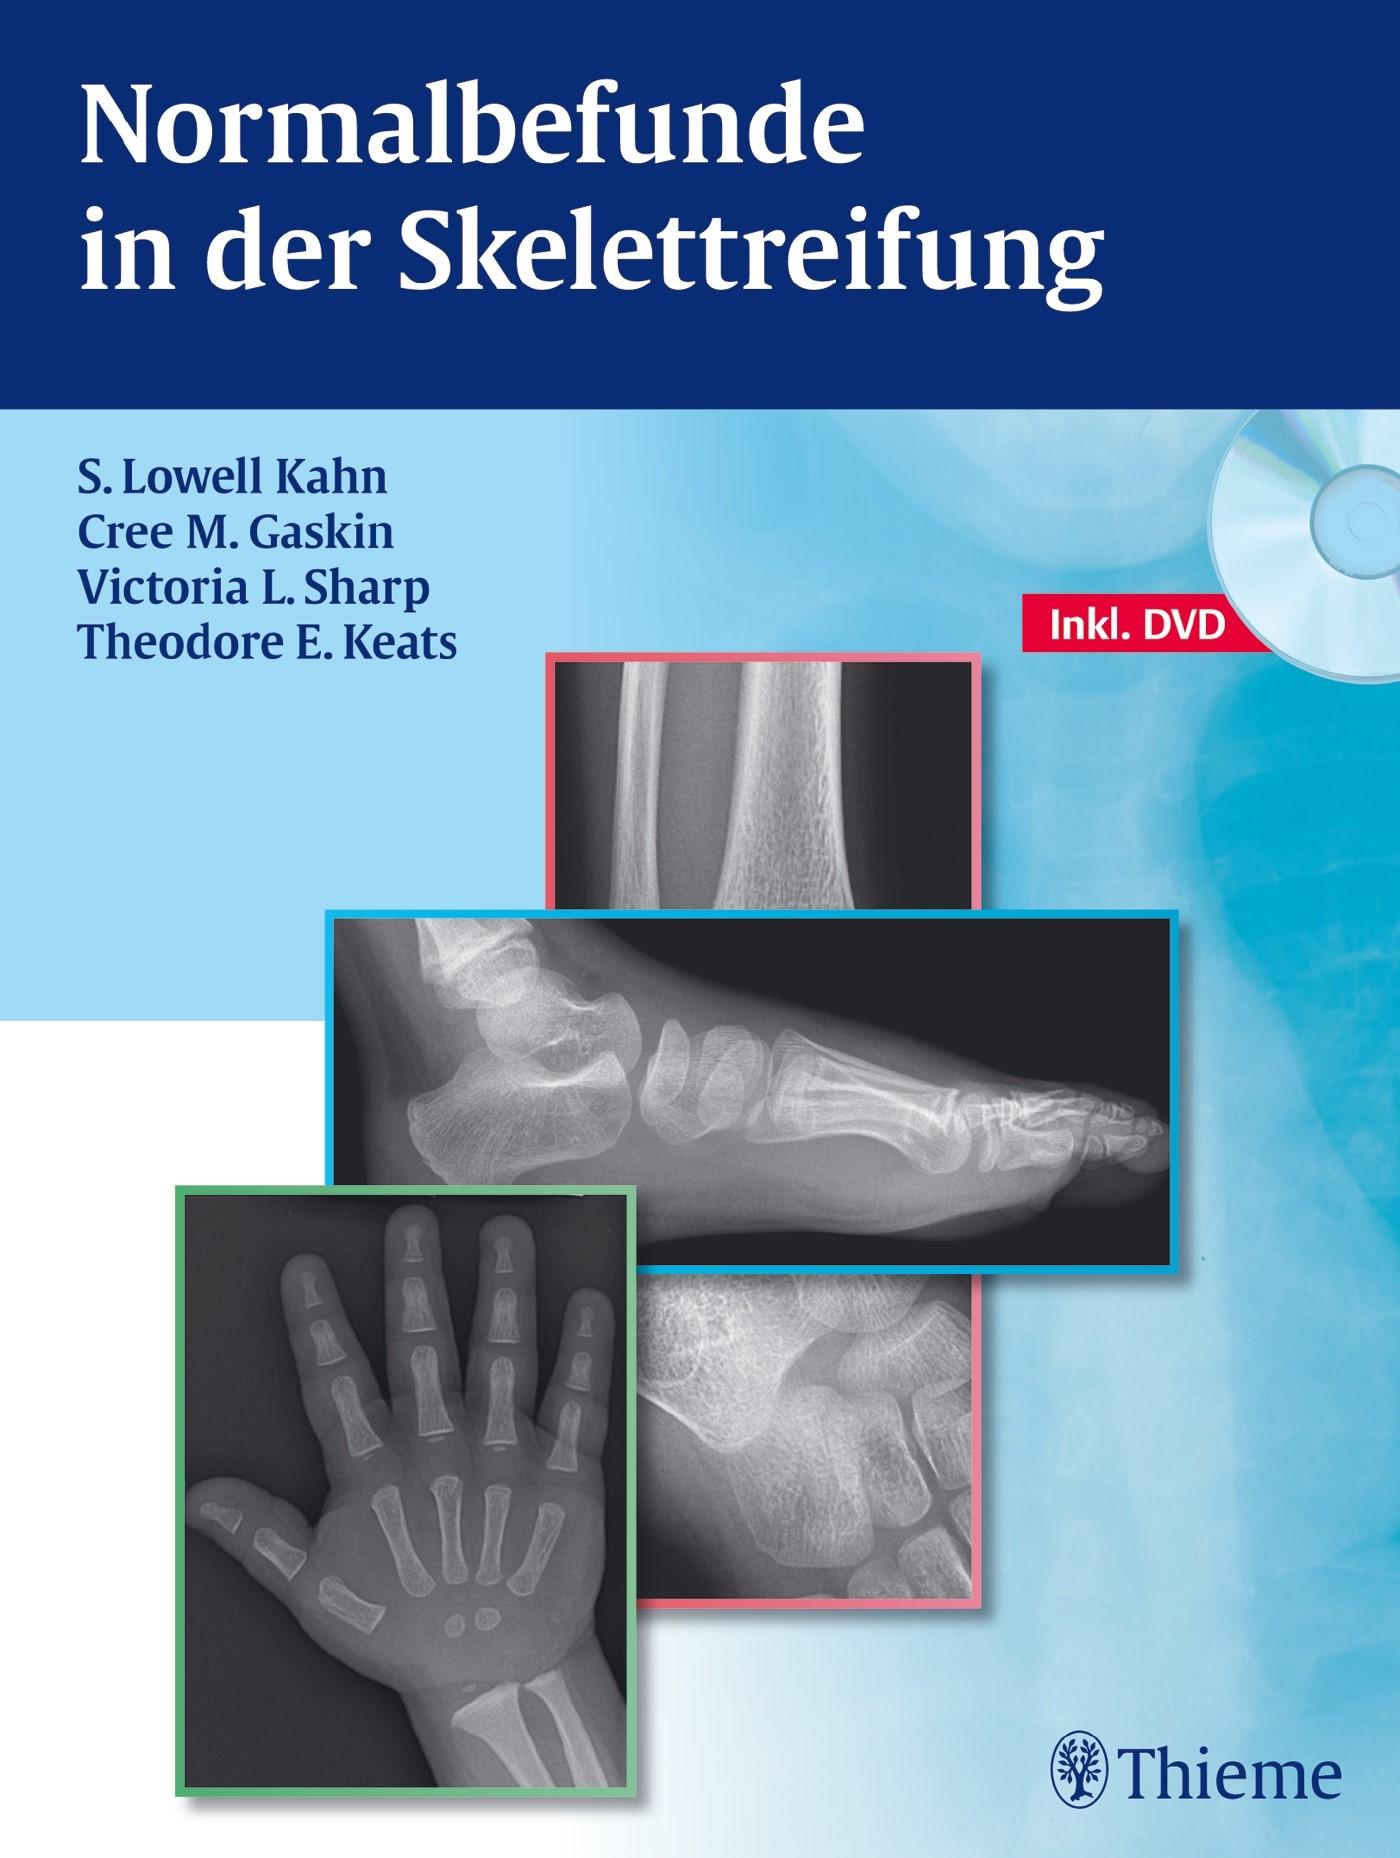 Normalbefunde in der Skelettreifung | Kahn / Gaskin / Sharp, 2012 | Buch (Cover)